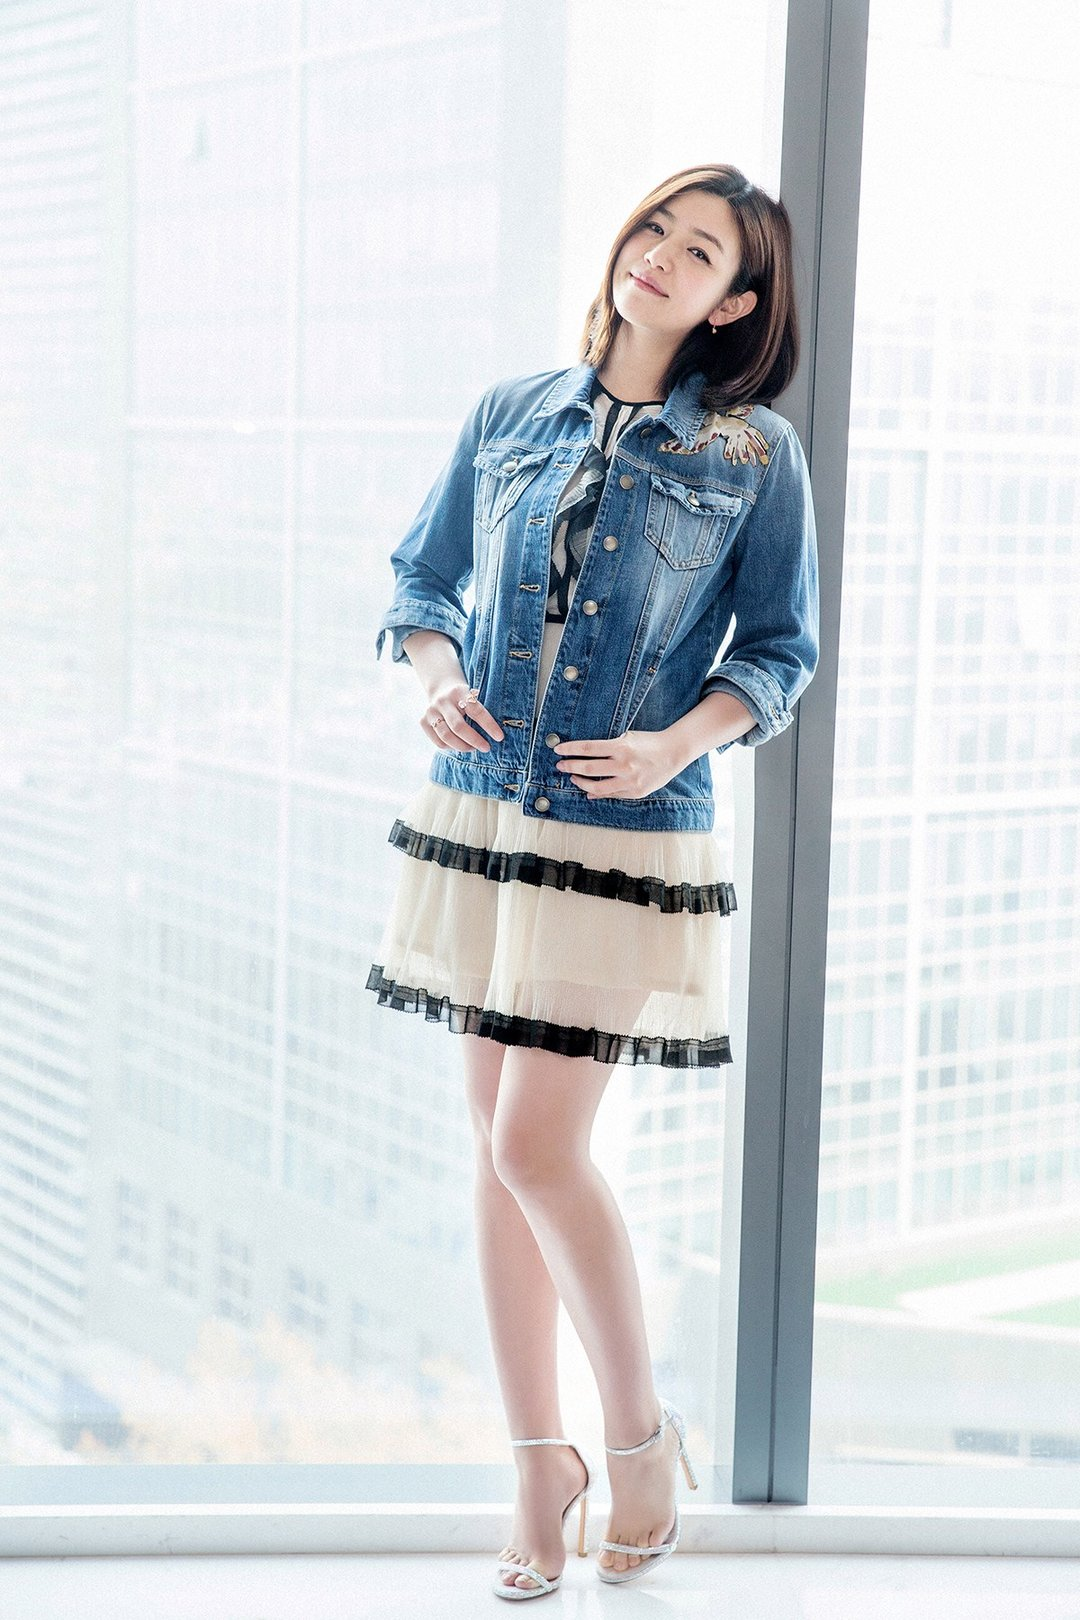 陈妍希短裙秀美腿  梨涡甜笑少女感十足